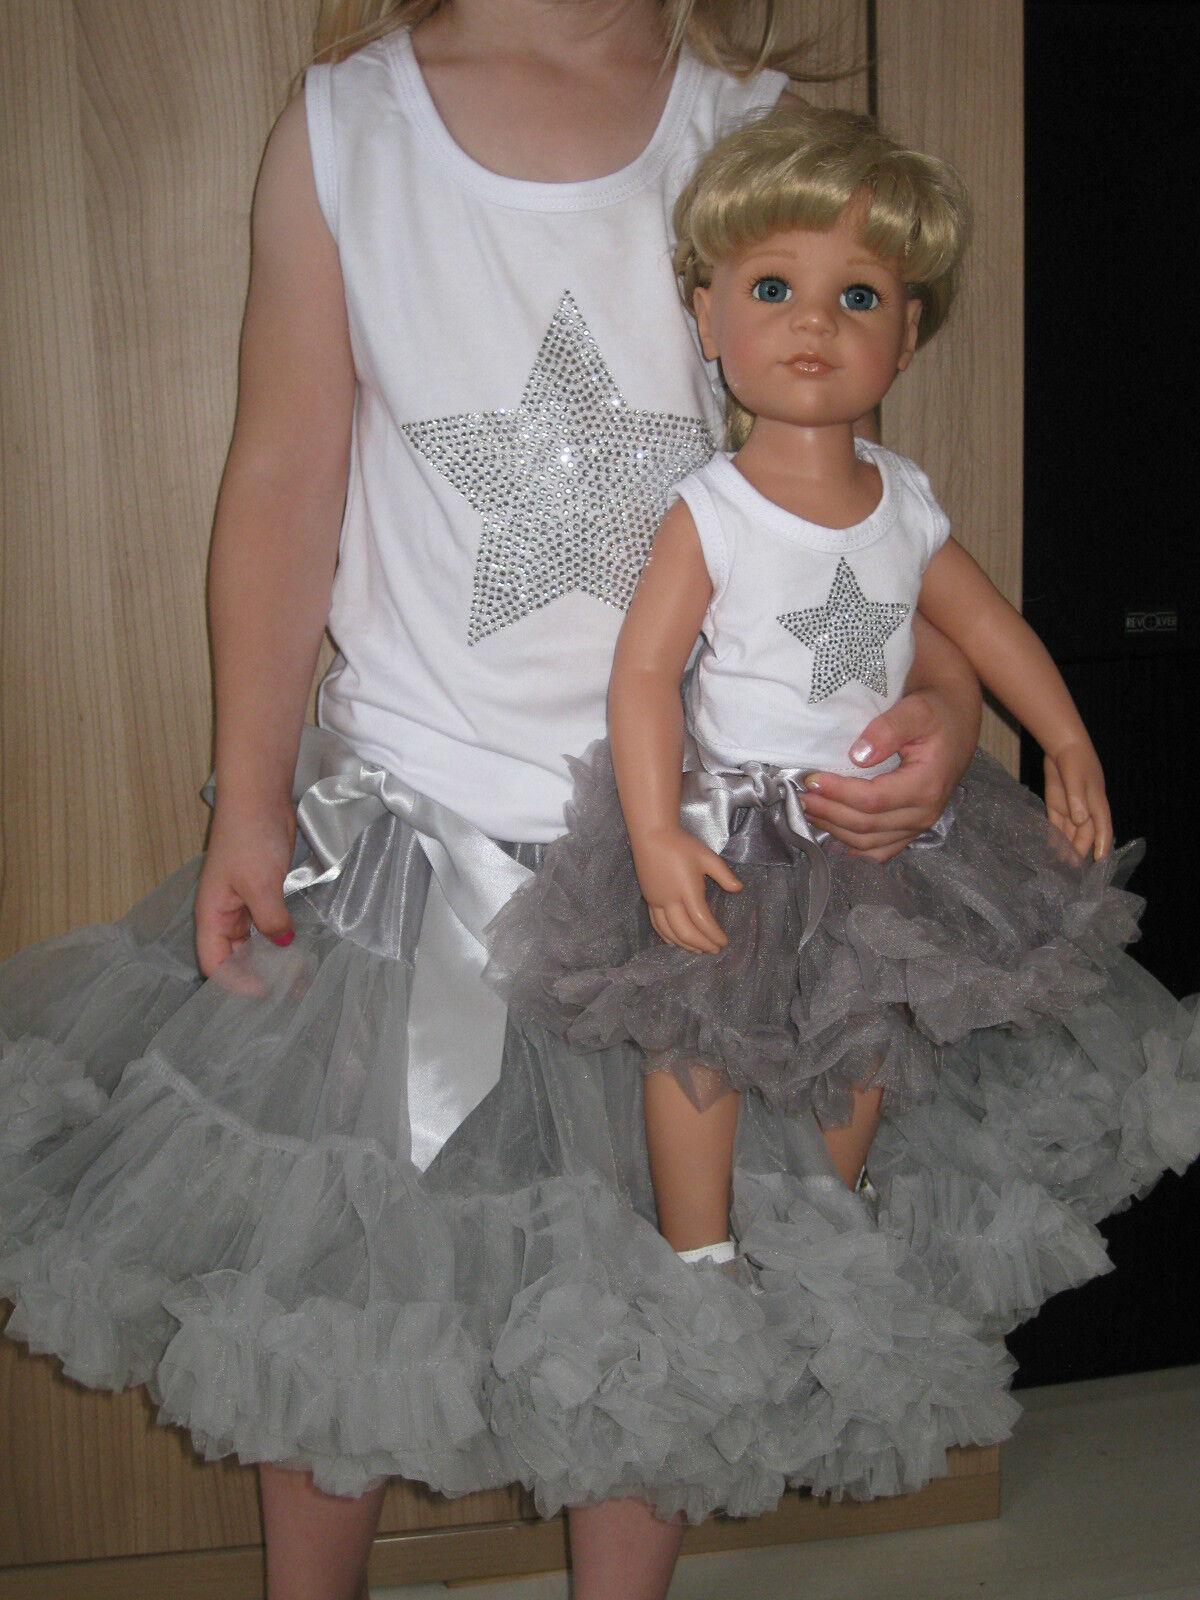 Puppen-Set + Mädchen-Set, 46-50cm Puppe, ca Gr.104-110, 3-4 J., Puppenkleidung